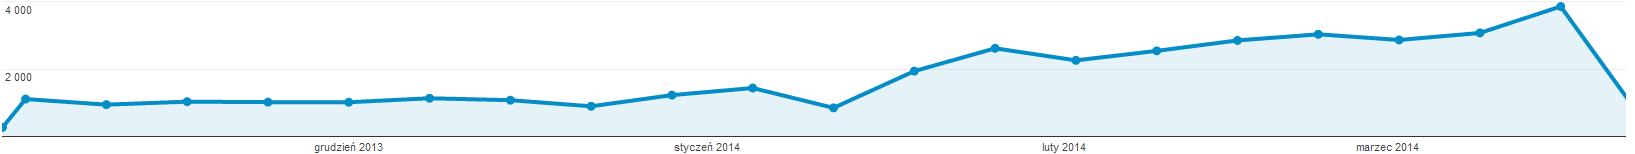 Czy czas ładowania Twojej strony www ma wpływ na jej pozycję w wynikach wyszukiwania?